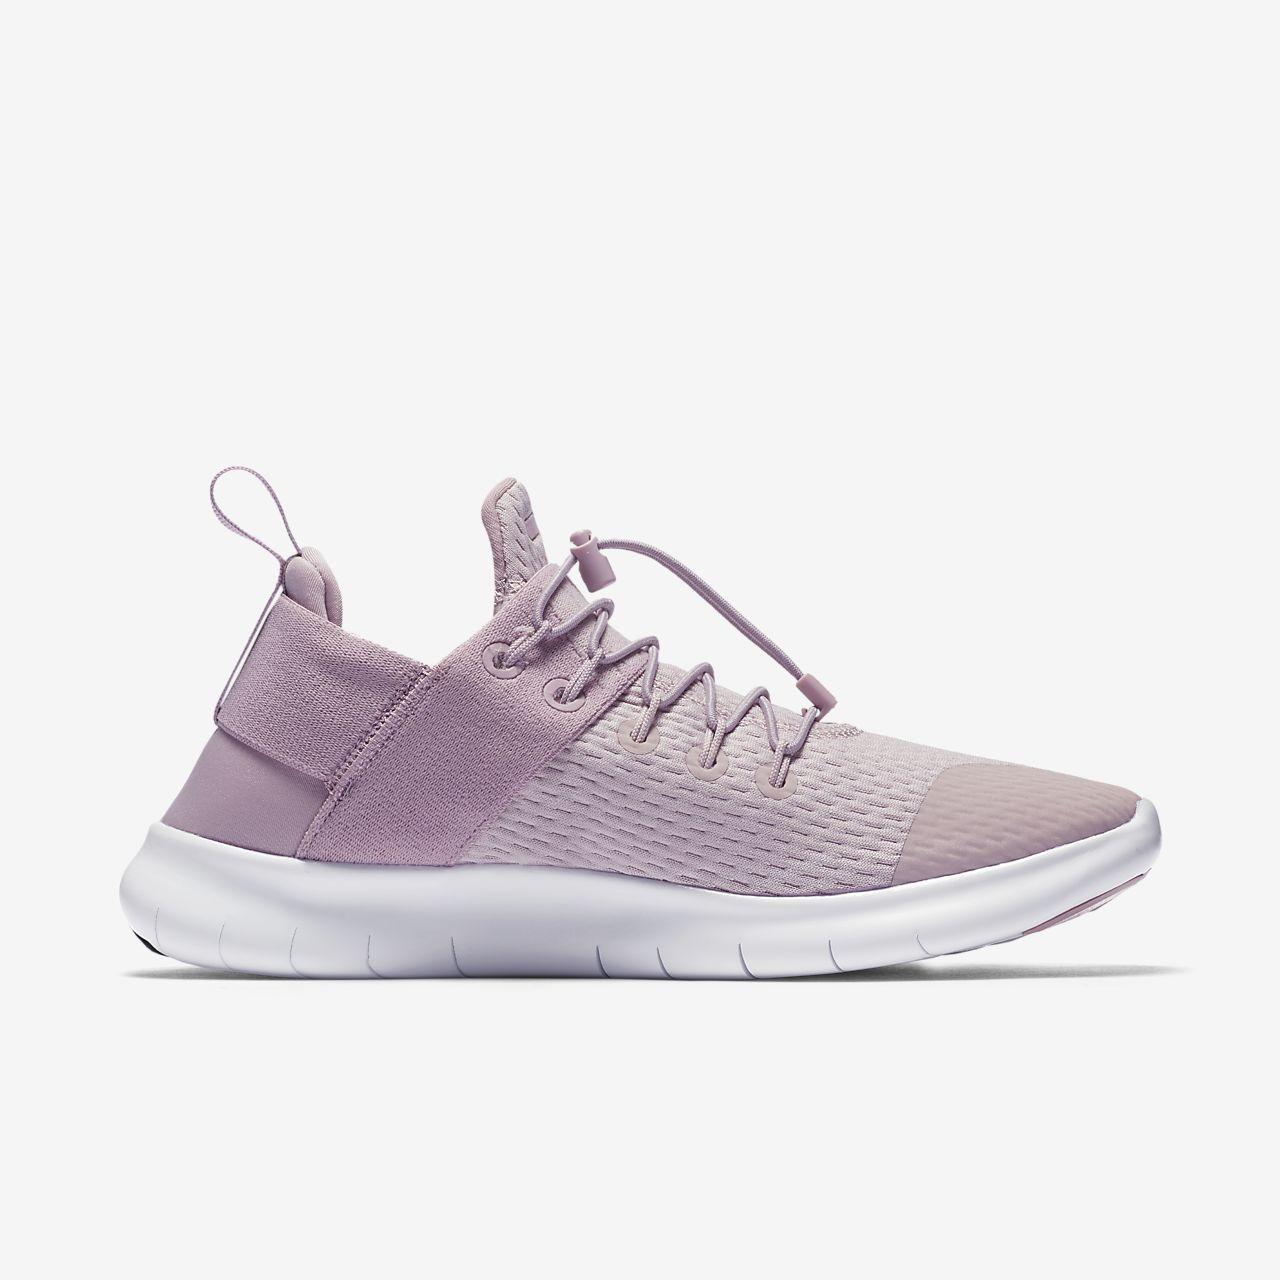 Nike Flex Run 2017 chaussures running femmeNike IrRbYU